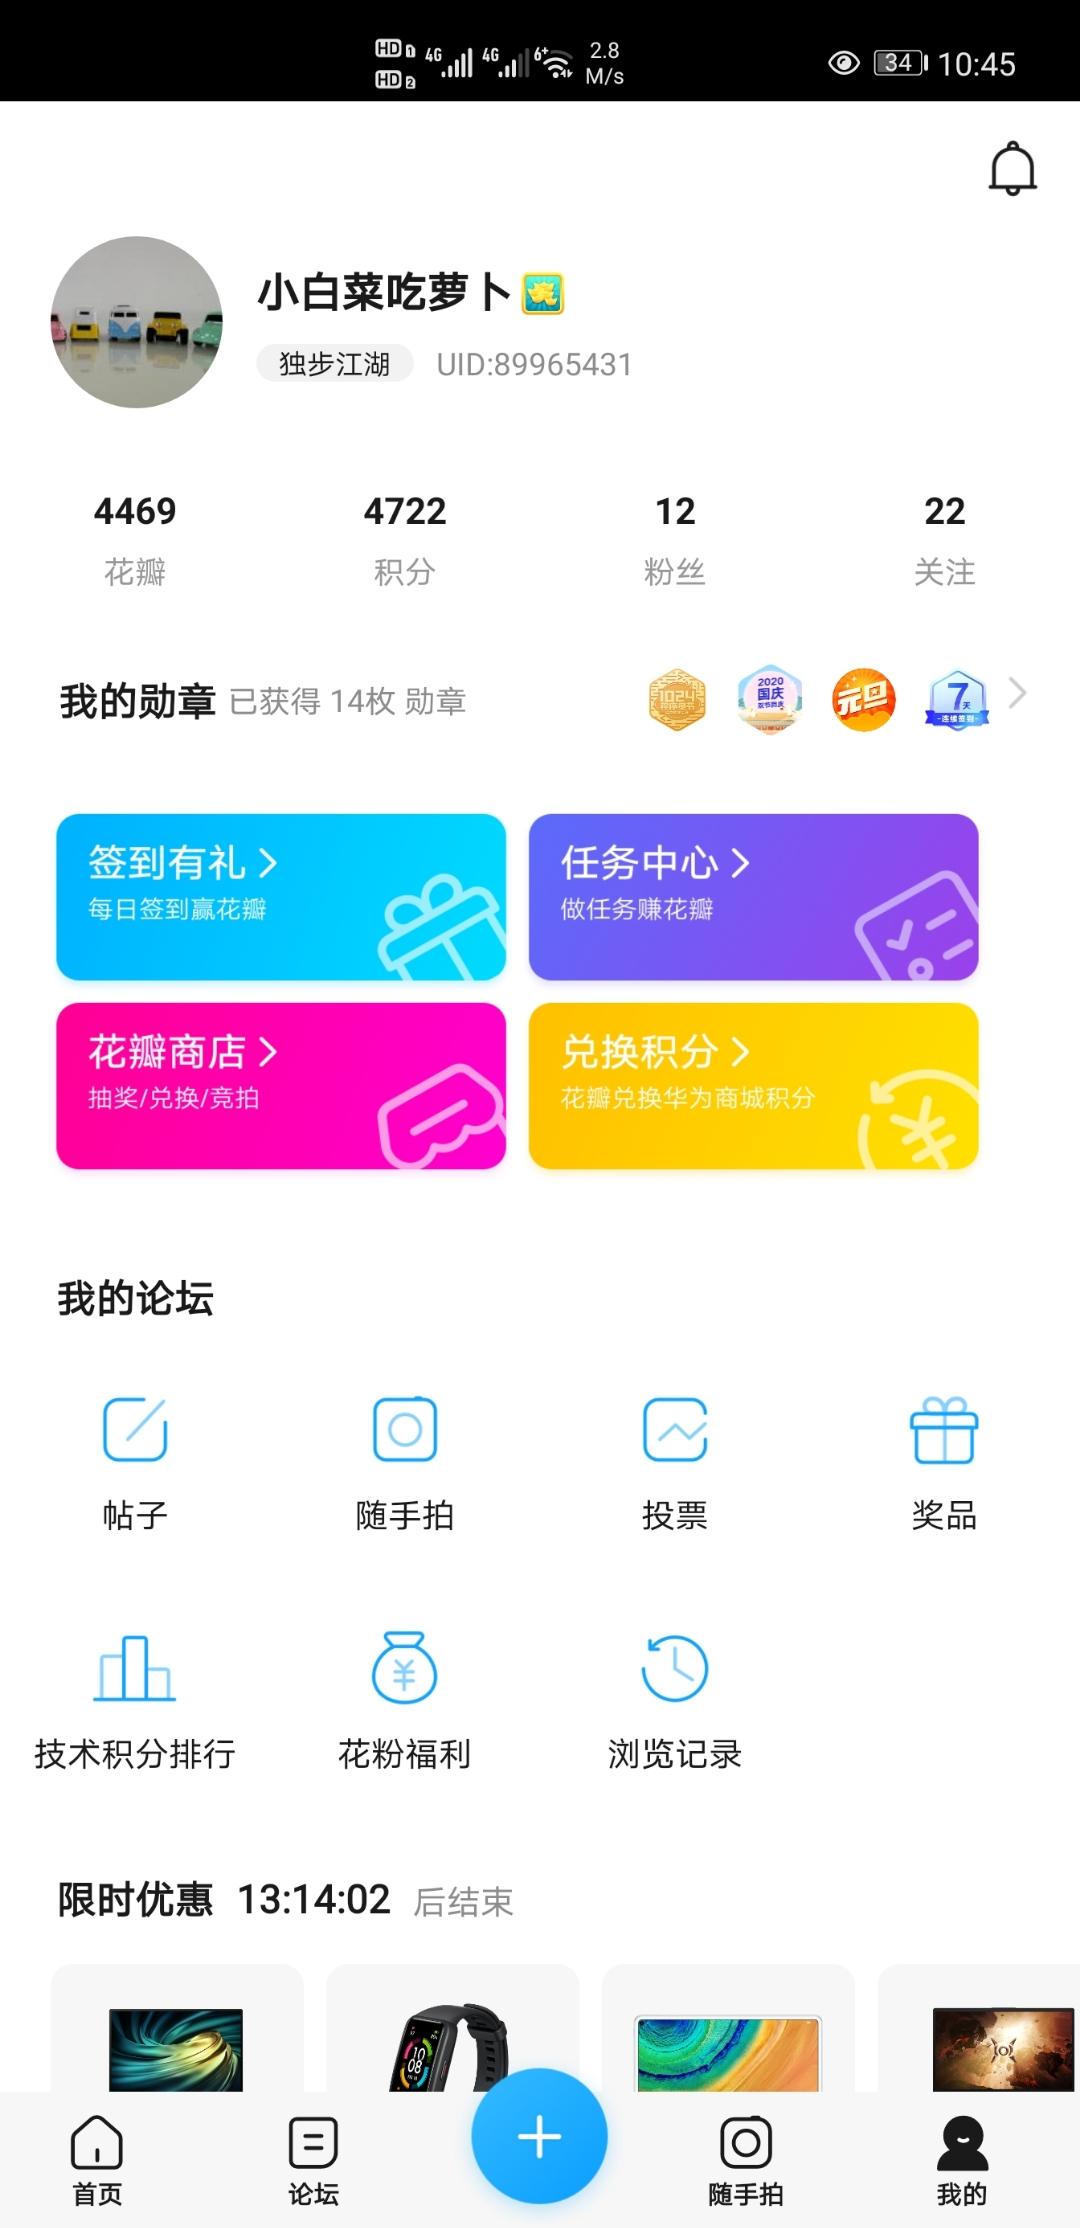 Screenshot_20201118_104556_com.huawei.fans.jpg